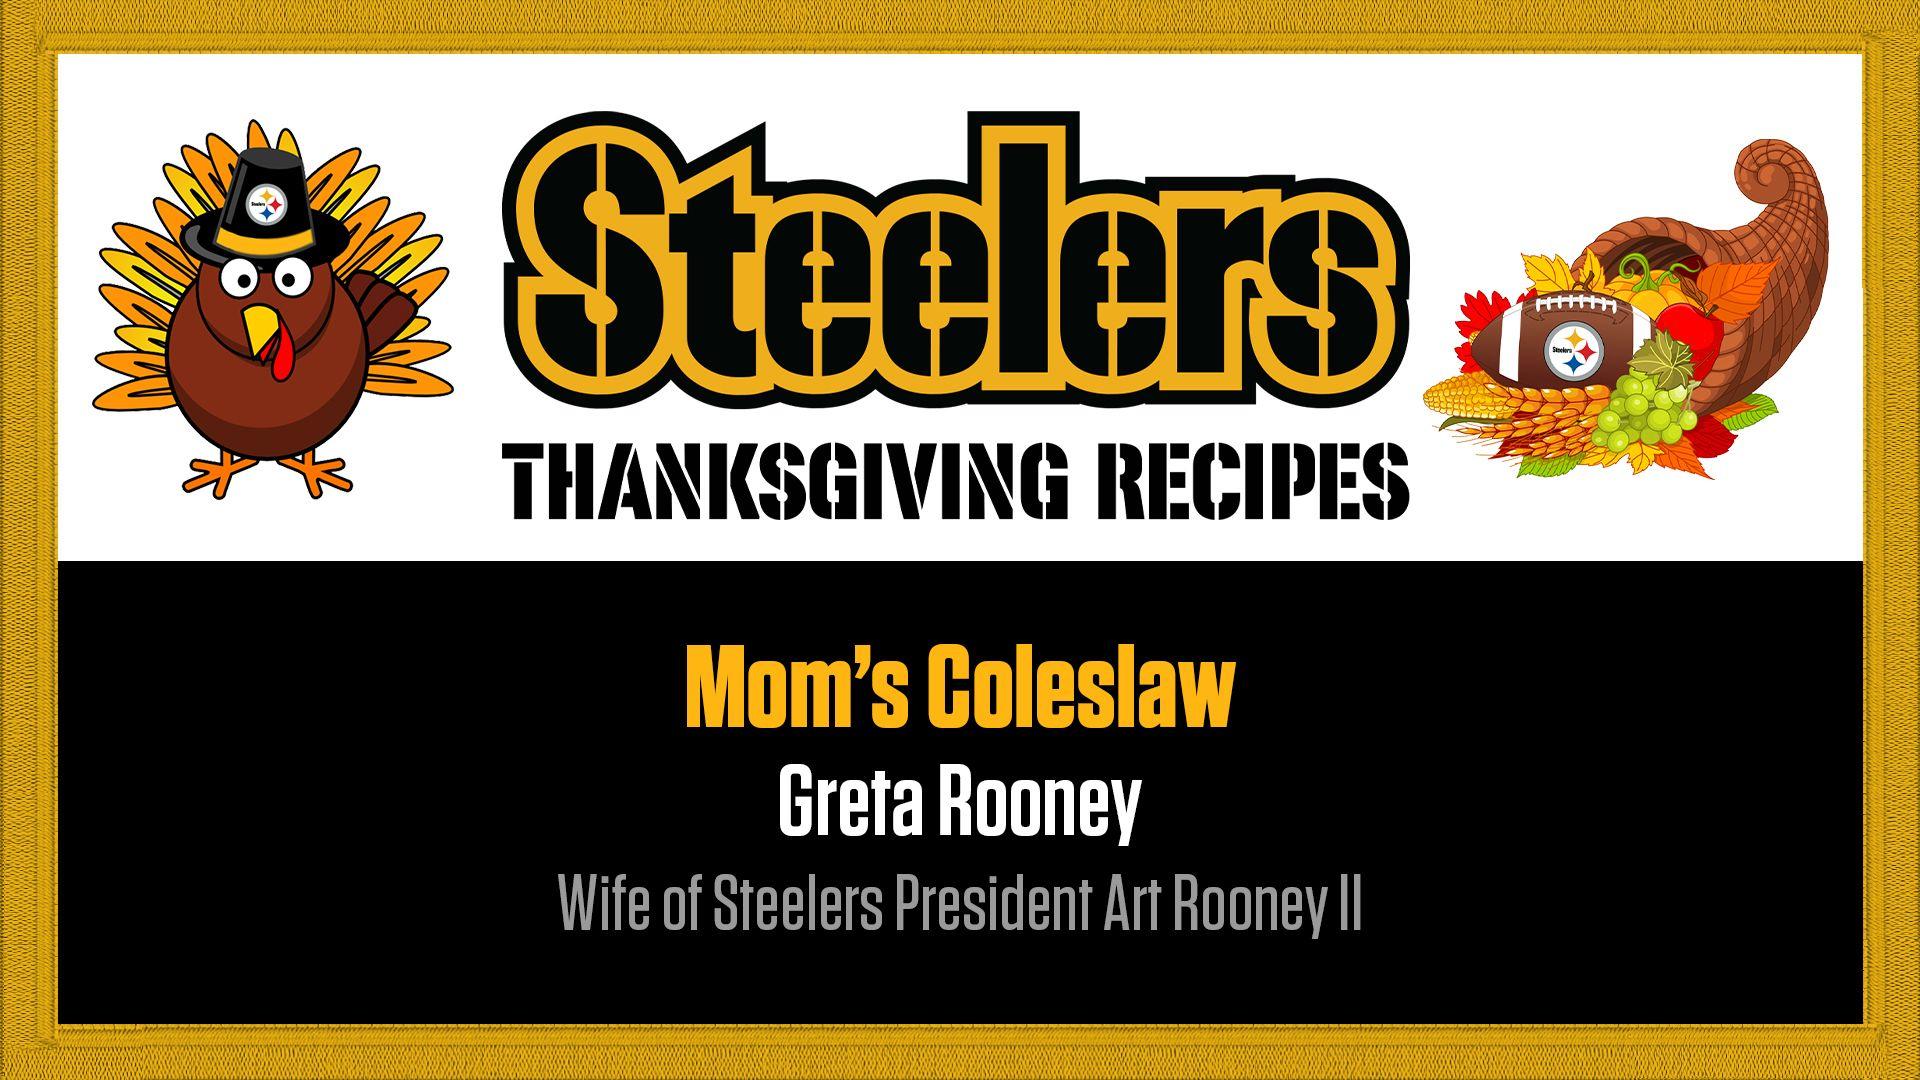 moms coleslaw_greta rooney